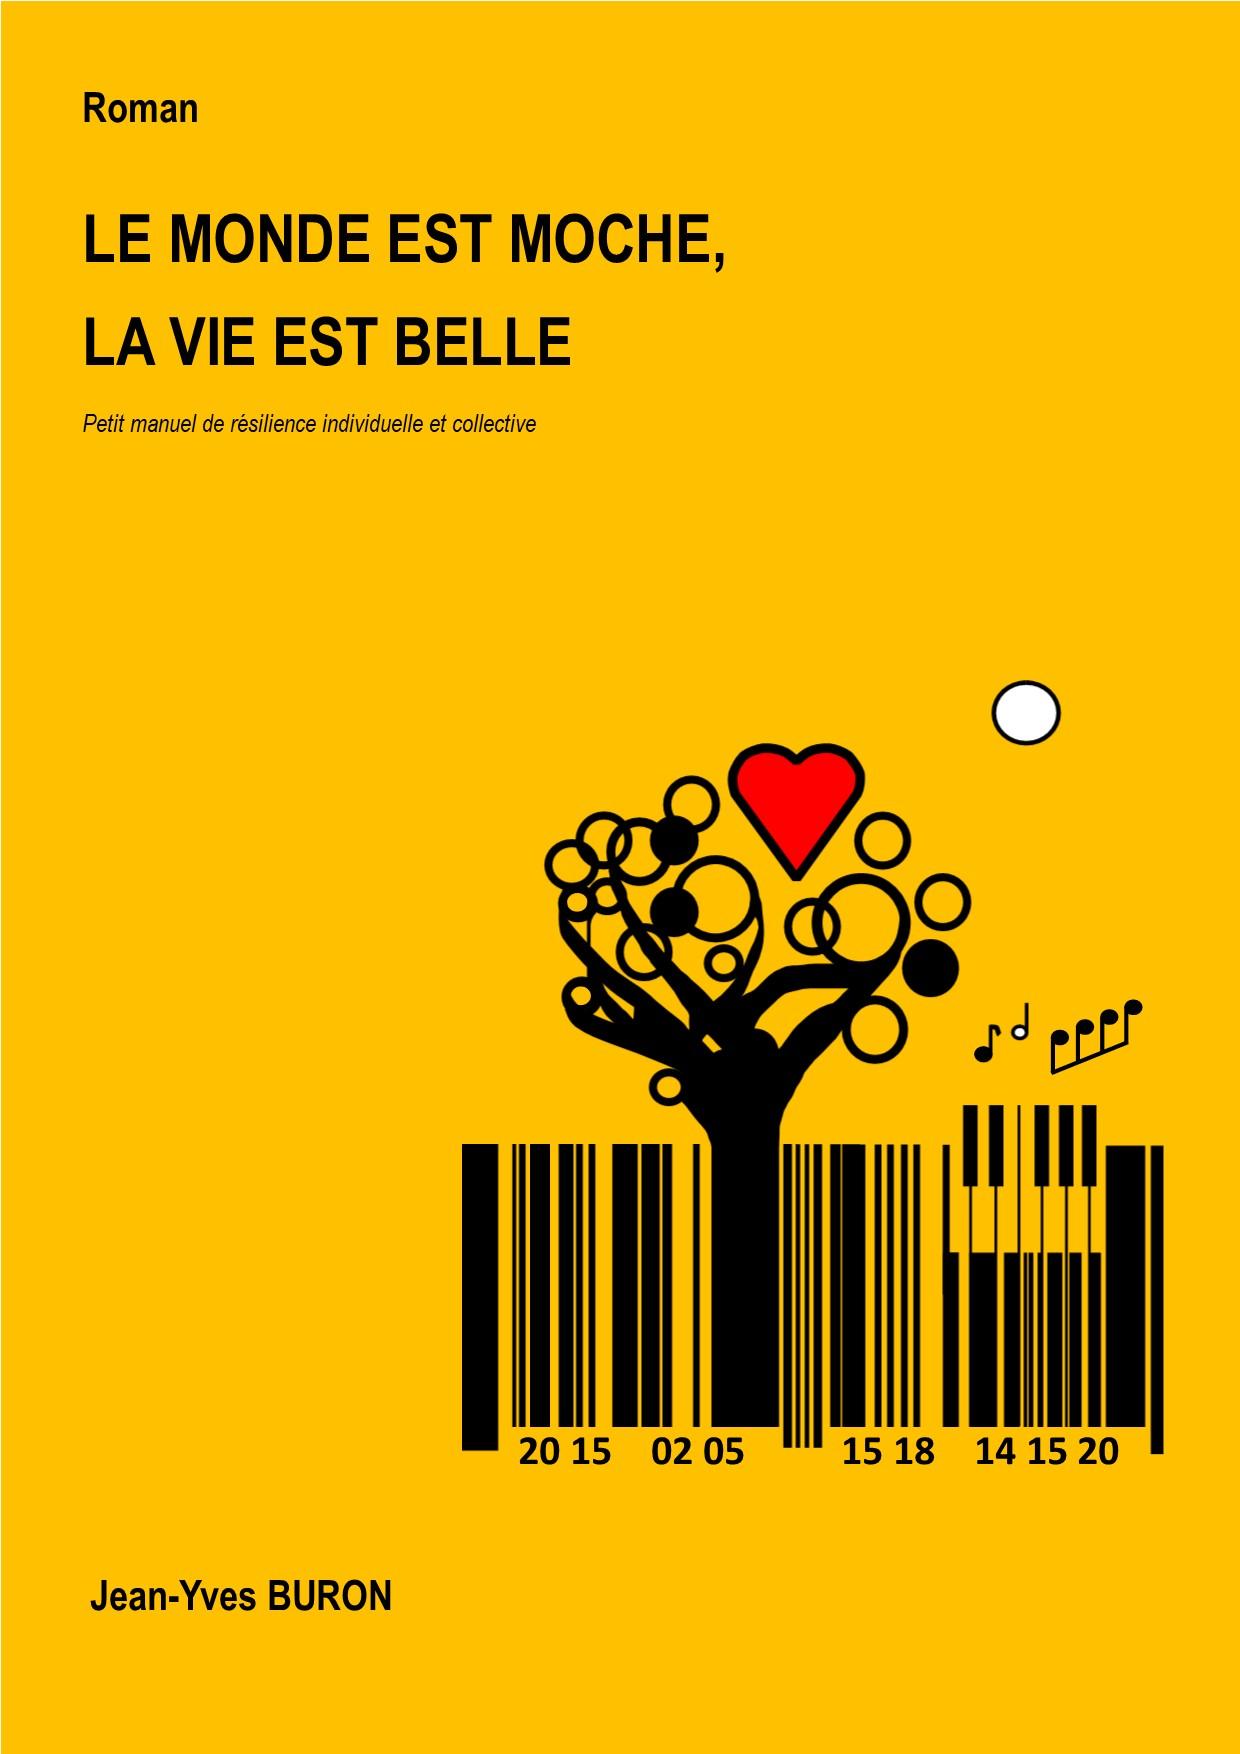 Premier roman - Le monde est moche, la vie est belle